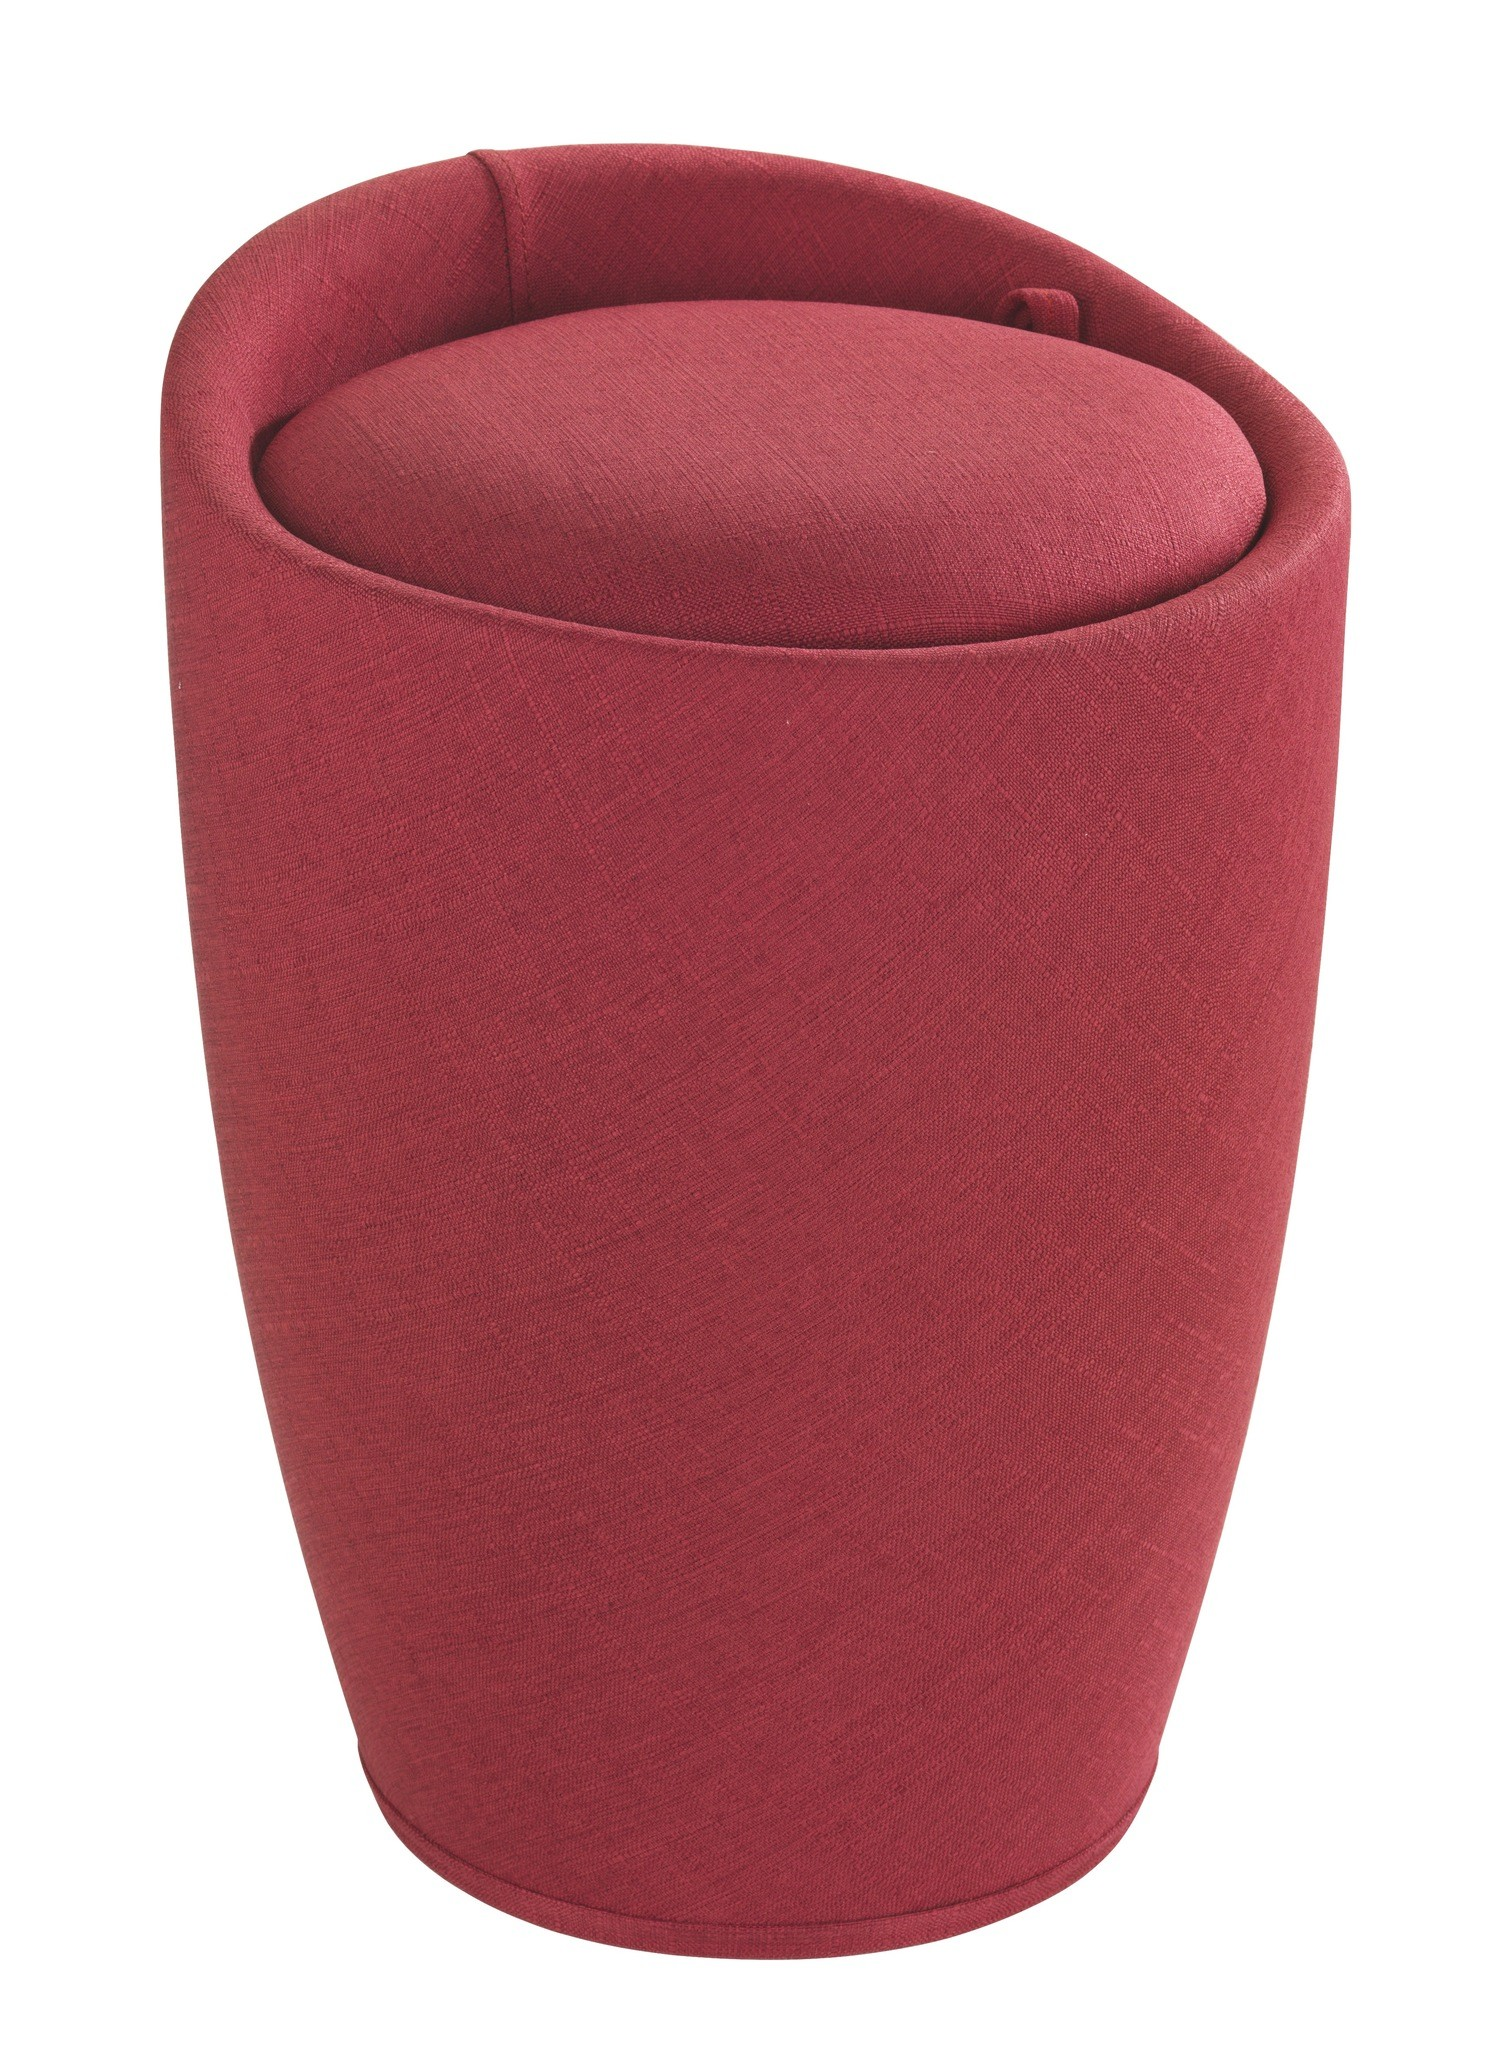 Hocker Candy Red Leinenoptik, Badhocker, mit abnehmbarem Wäschesack